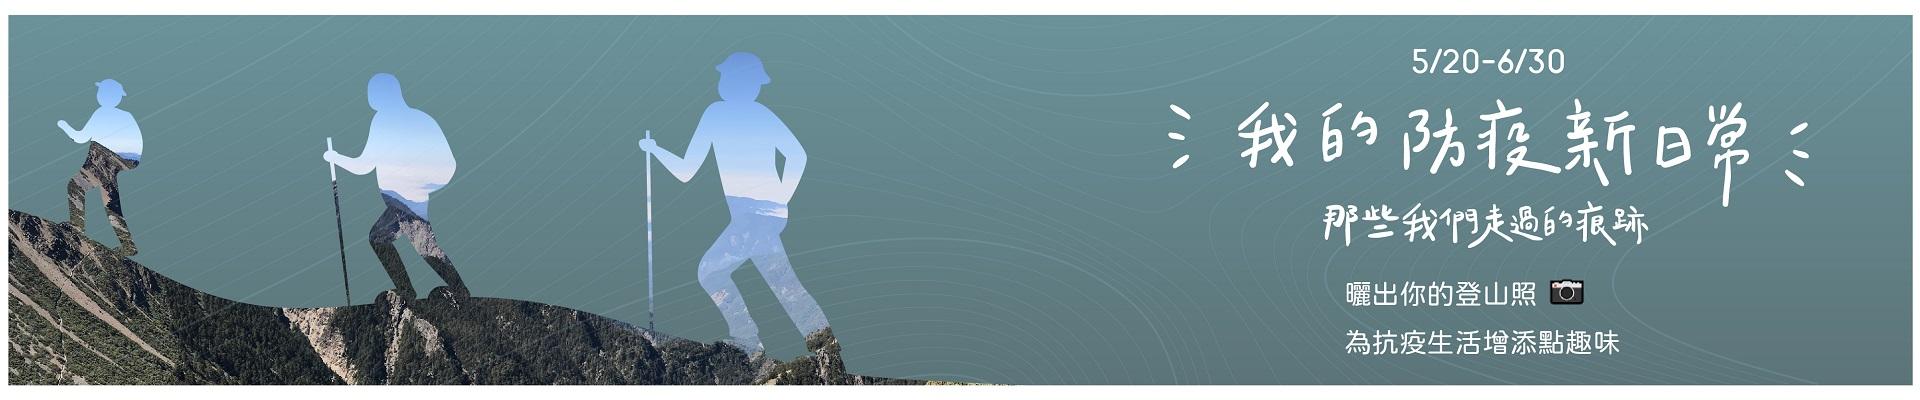 我的防疫新日常◆曬出你的登山照-主視覺